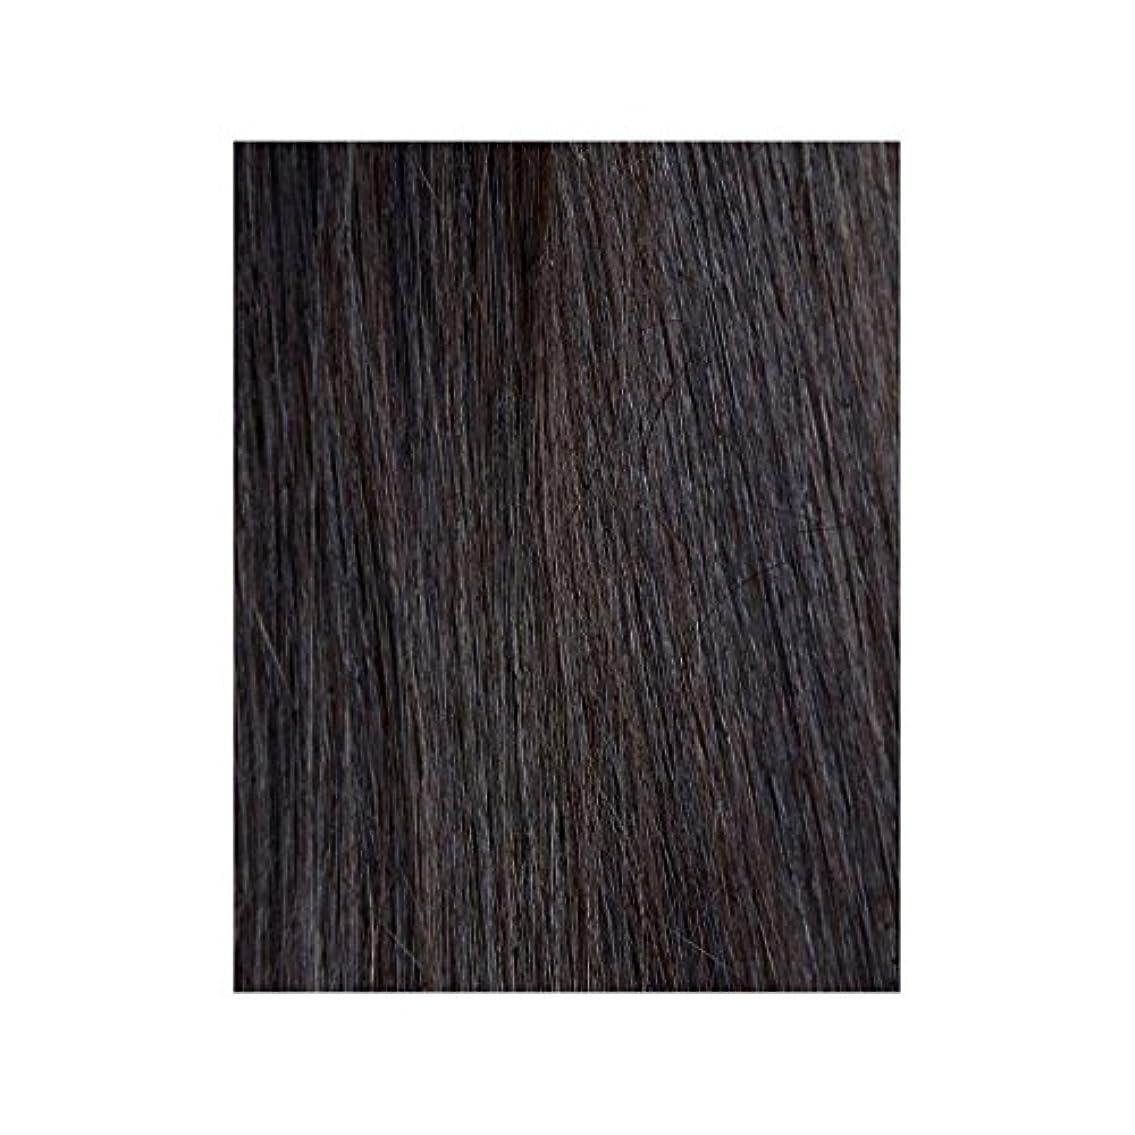 和解するヒギンズ祭司黒檀図1 - 美しさは、100%レミーの色見本ヘアエクステンションの作品 x4 - Beauty Works 100% Remy Colour Swatch Hair Extension - Ebony 1B (Pack of 4) [並行輸入品]